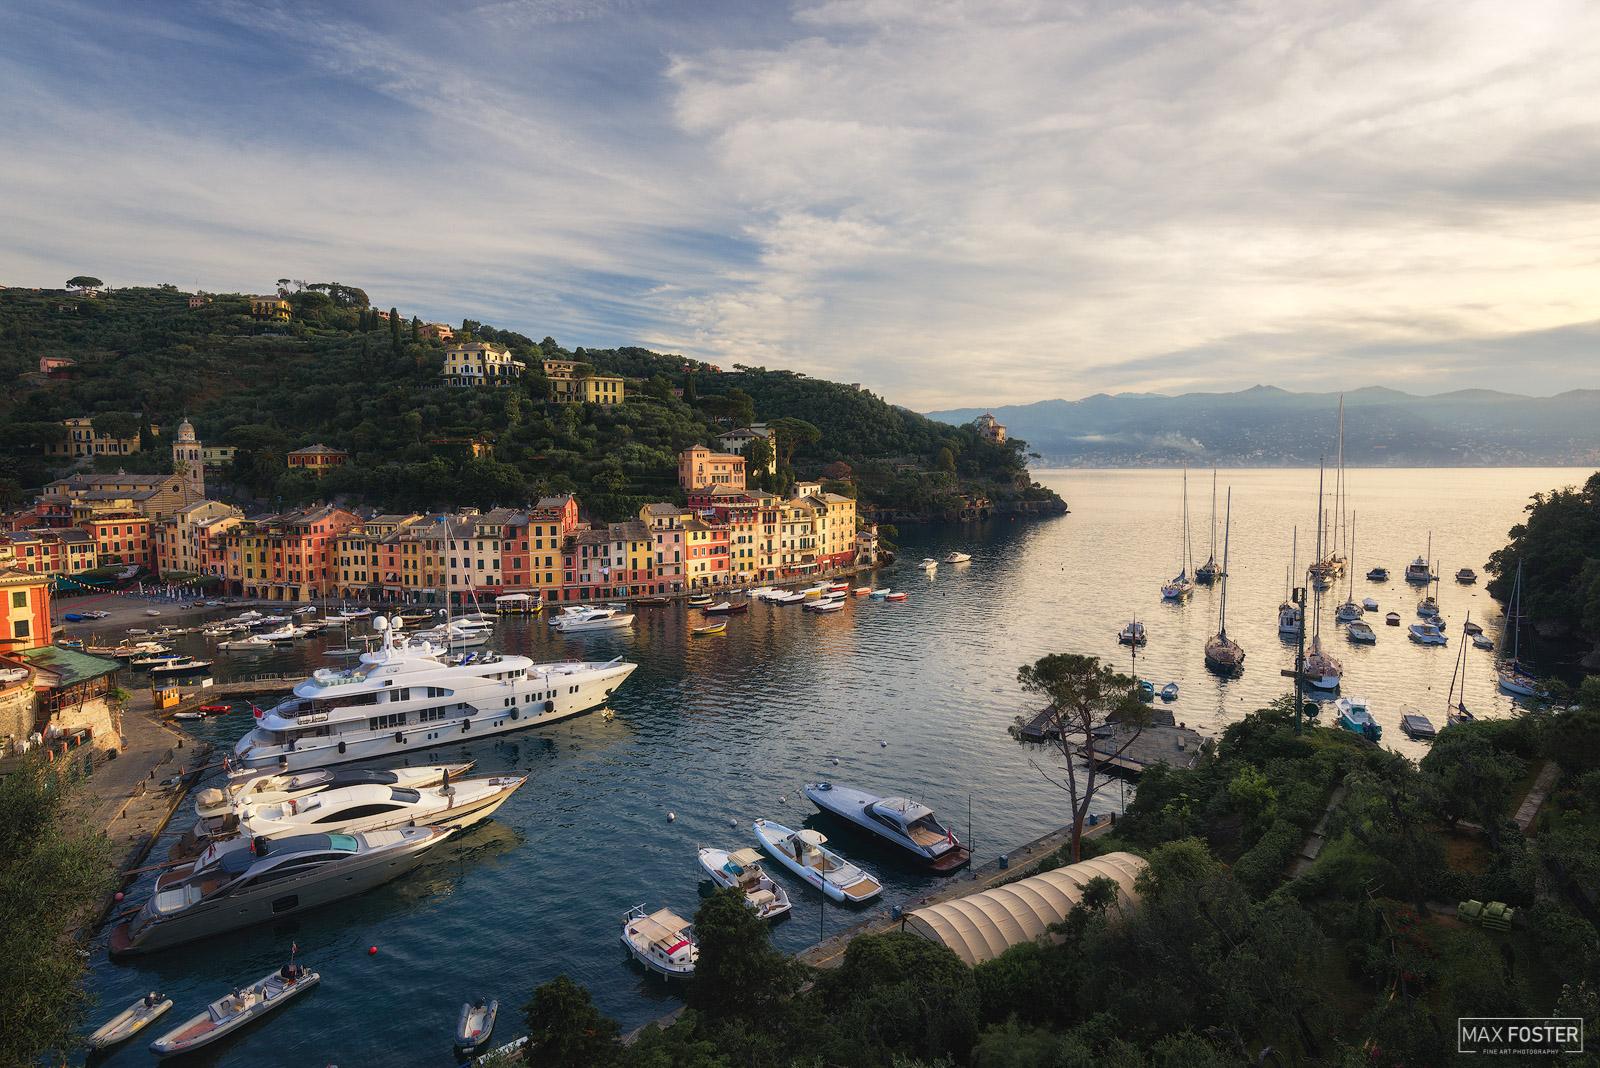 Portofino, Italy, Fishing Village, Italian Riviera, harbor, picturesque, famous, With Love From Portofino, photo